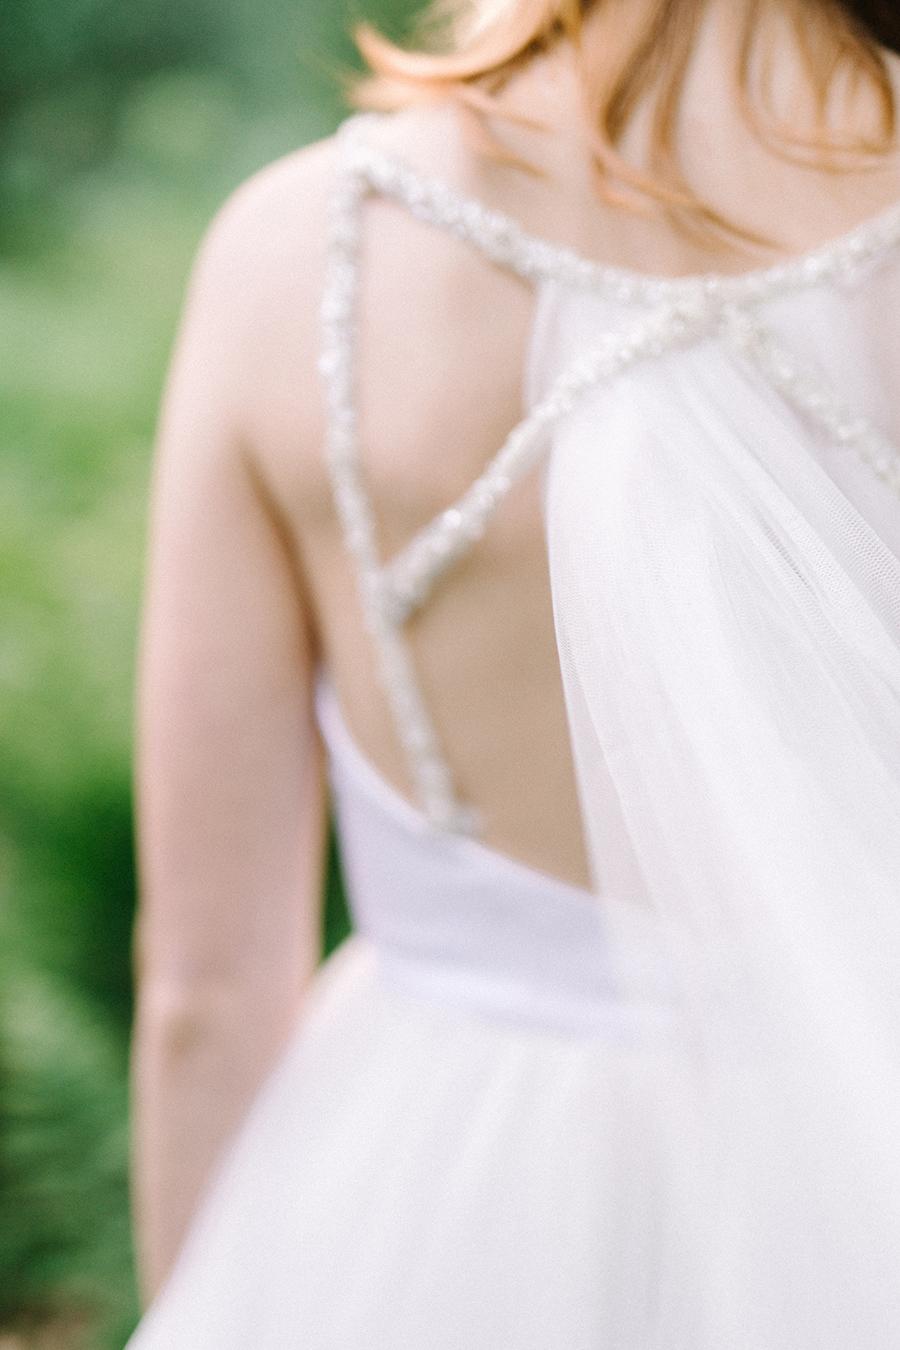 Woodsy Bridal Boudoir Morsian Huomenlahjakuvaus (4).jpg